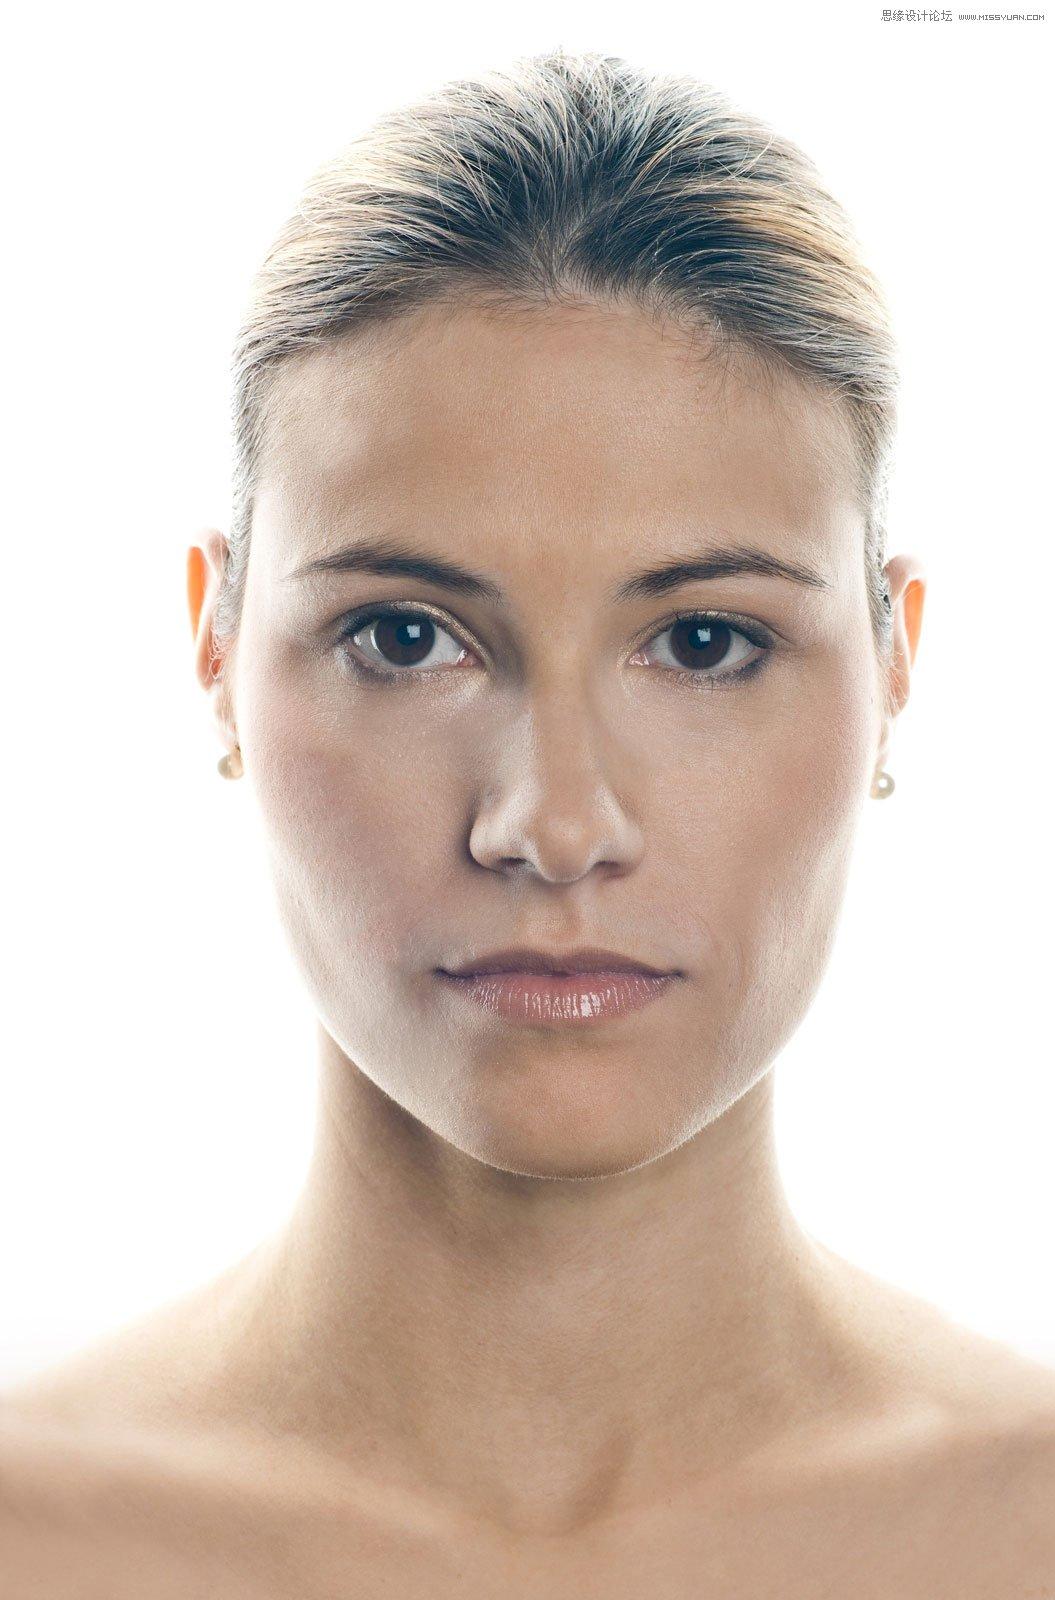 详细解析人像后期肖像图Photoshop修图过程